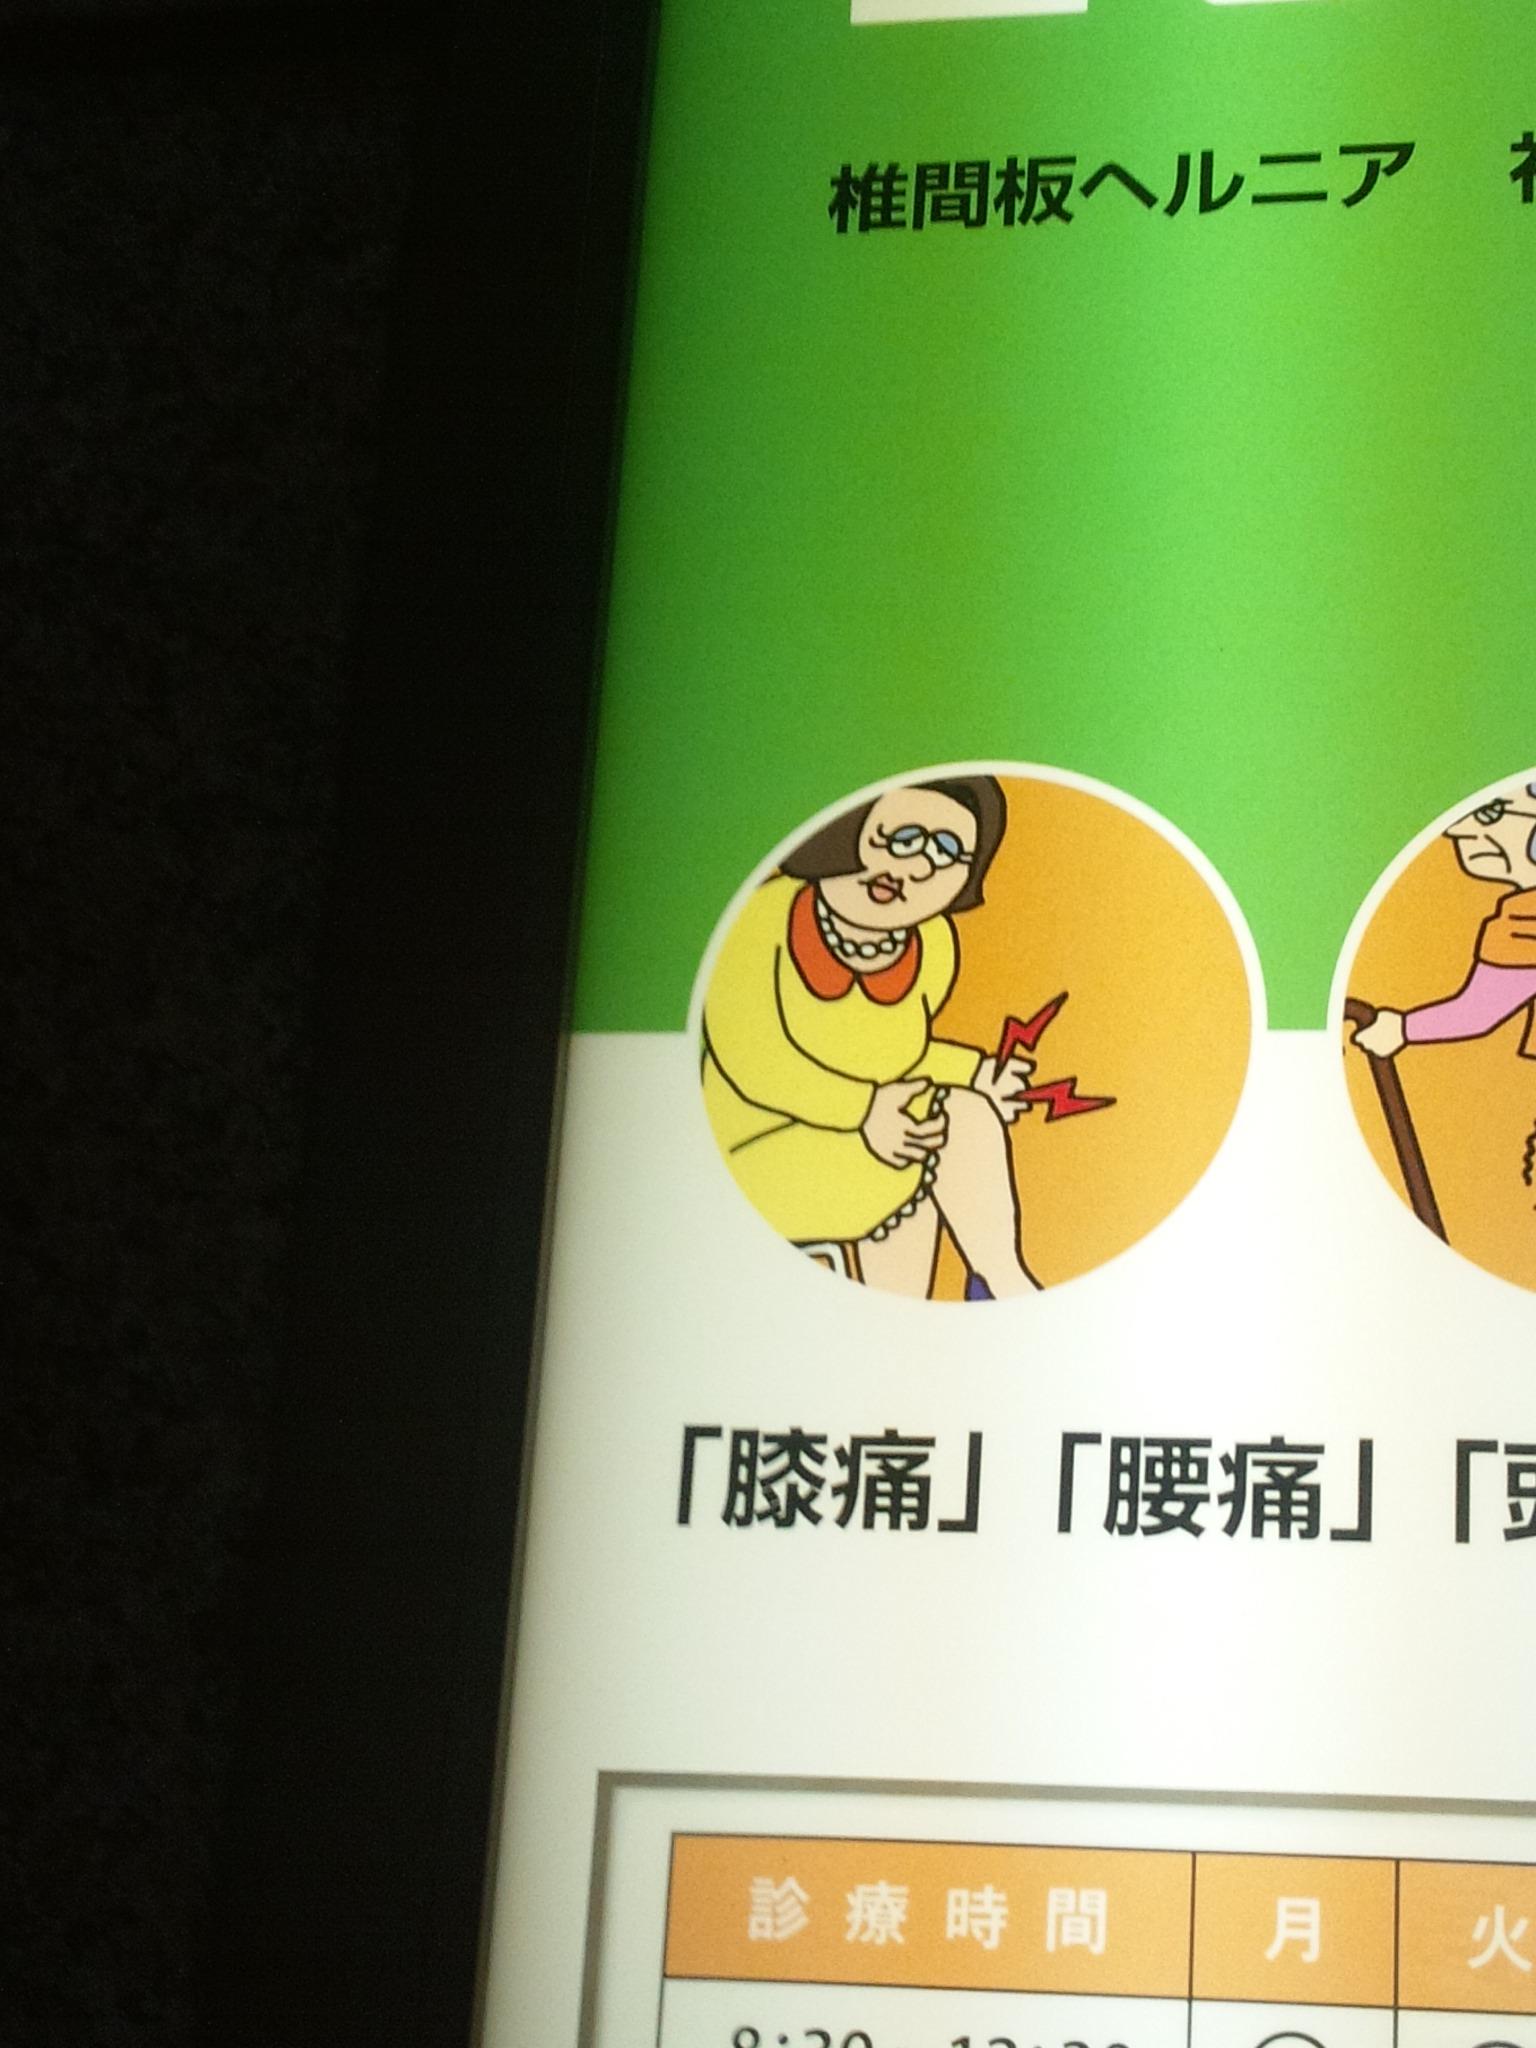 松山市駅の広告_c0001670_2055724.jpg